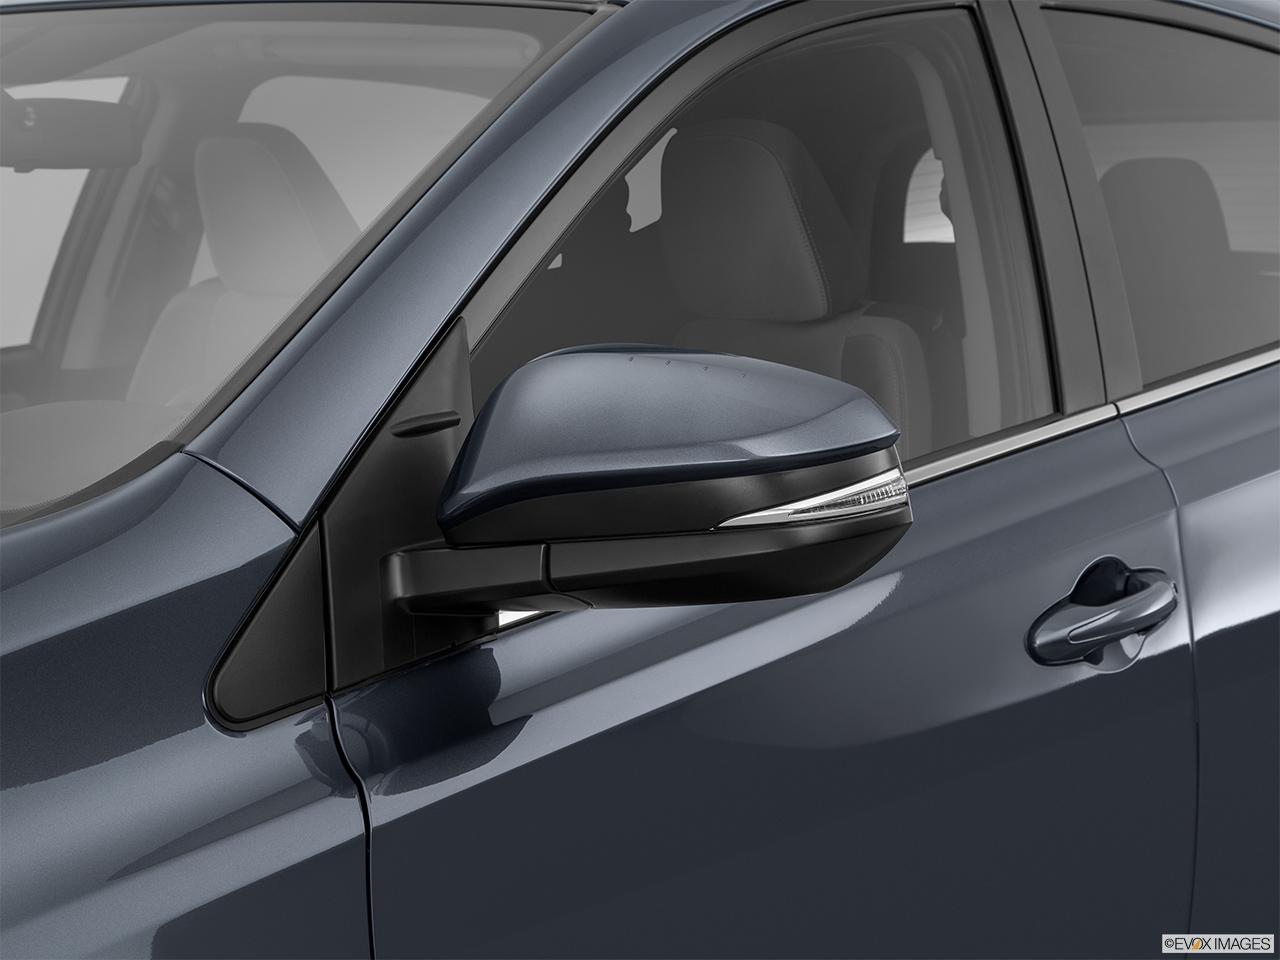 Rav4 Door 2012 Toyota Rav4 Front Passenger Interior Door Panel Removing To Upgrade Oem